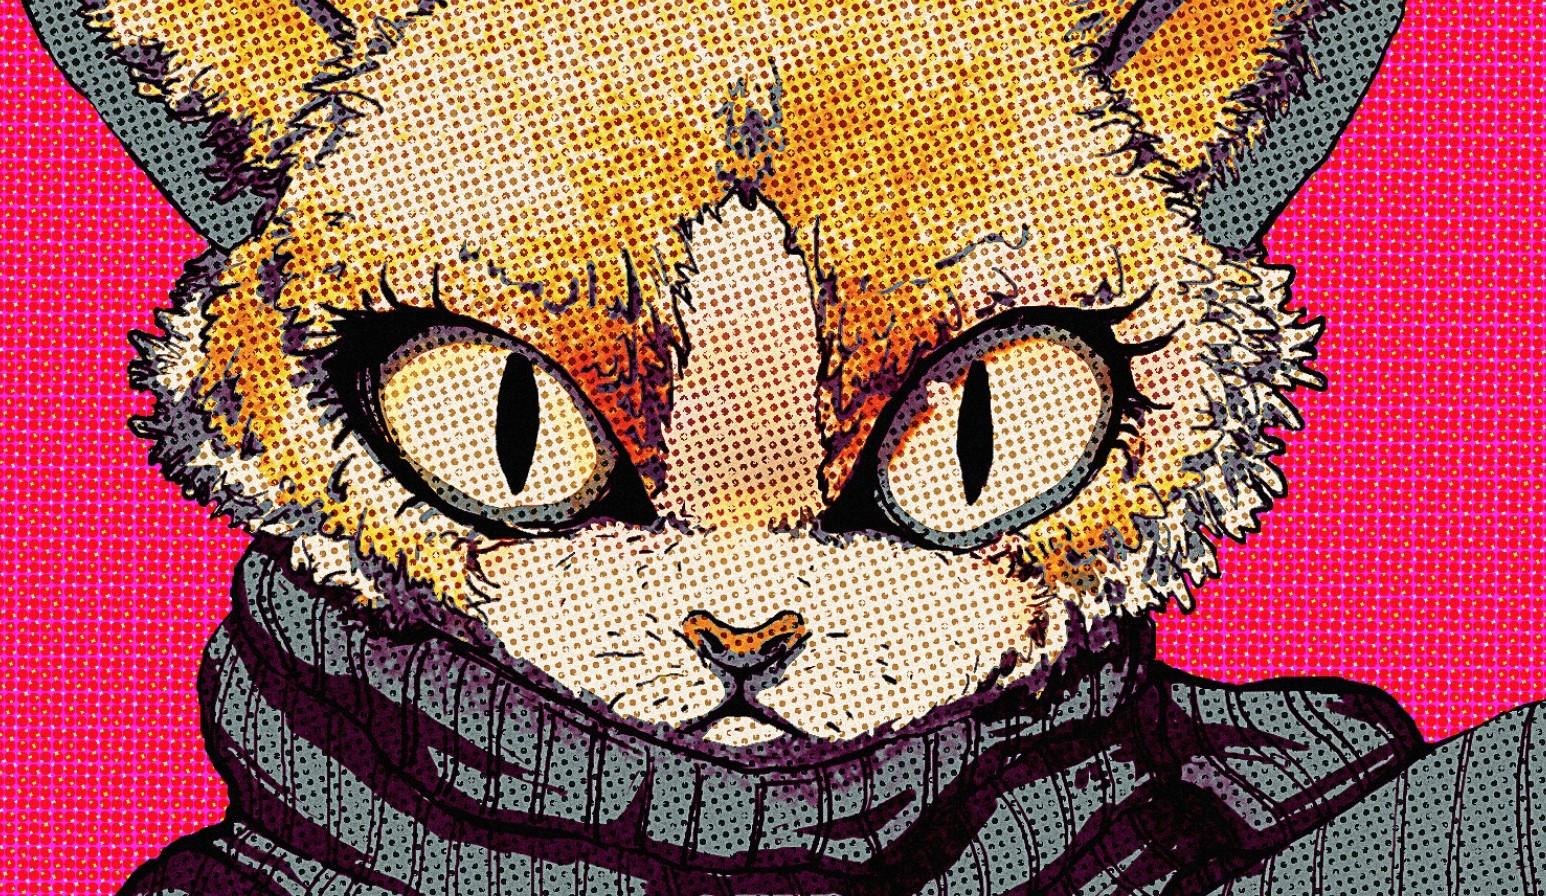 Wallpaper Illustration Cat Cartoon Head Pop Art Black Cat